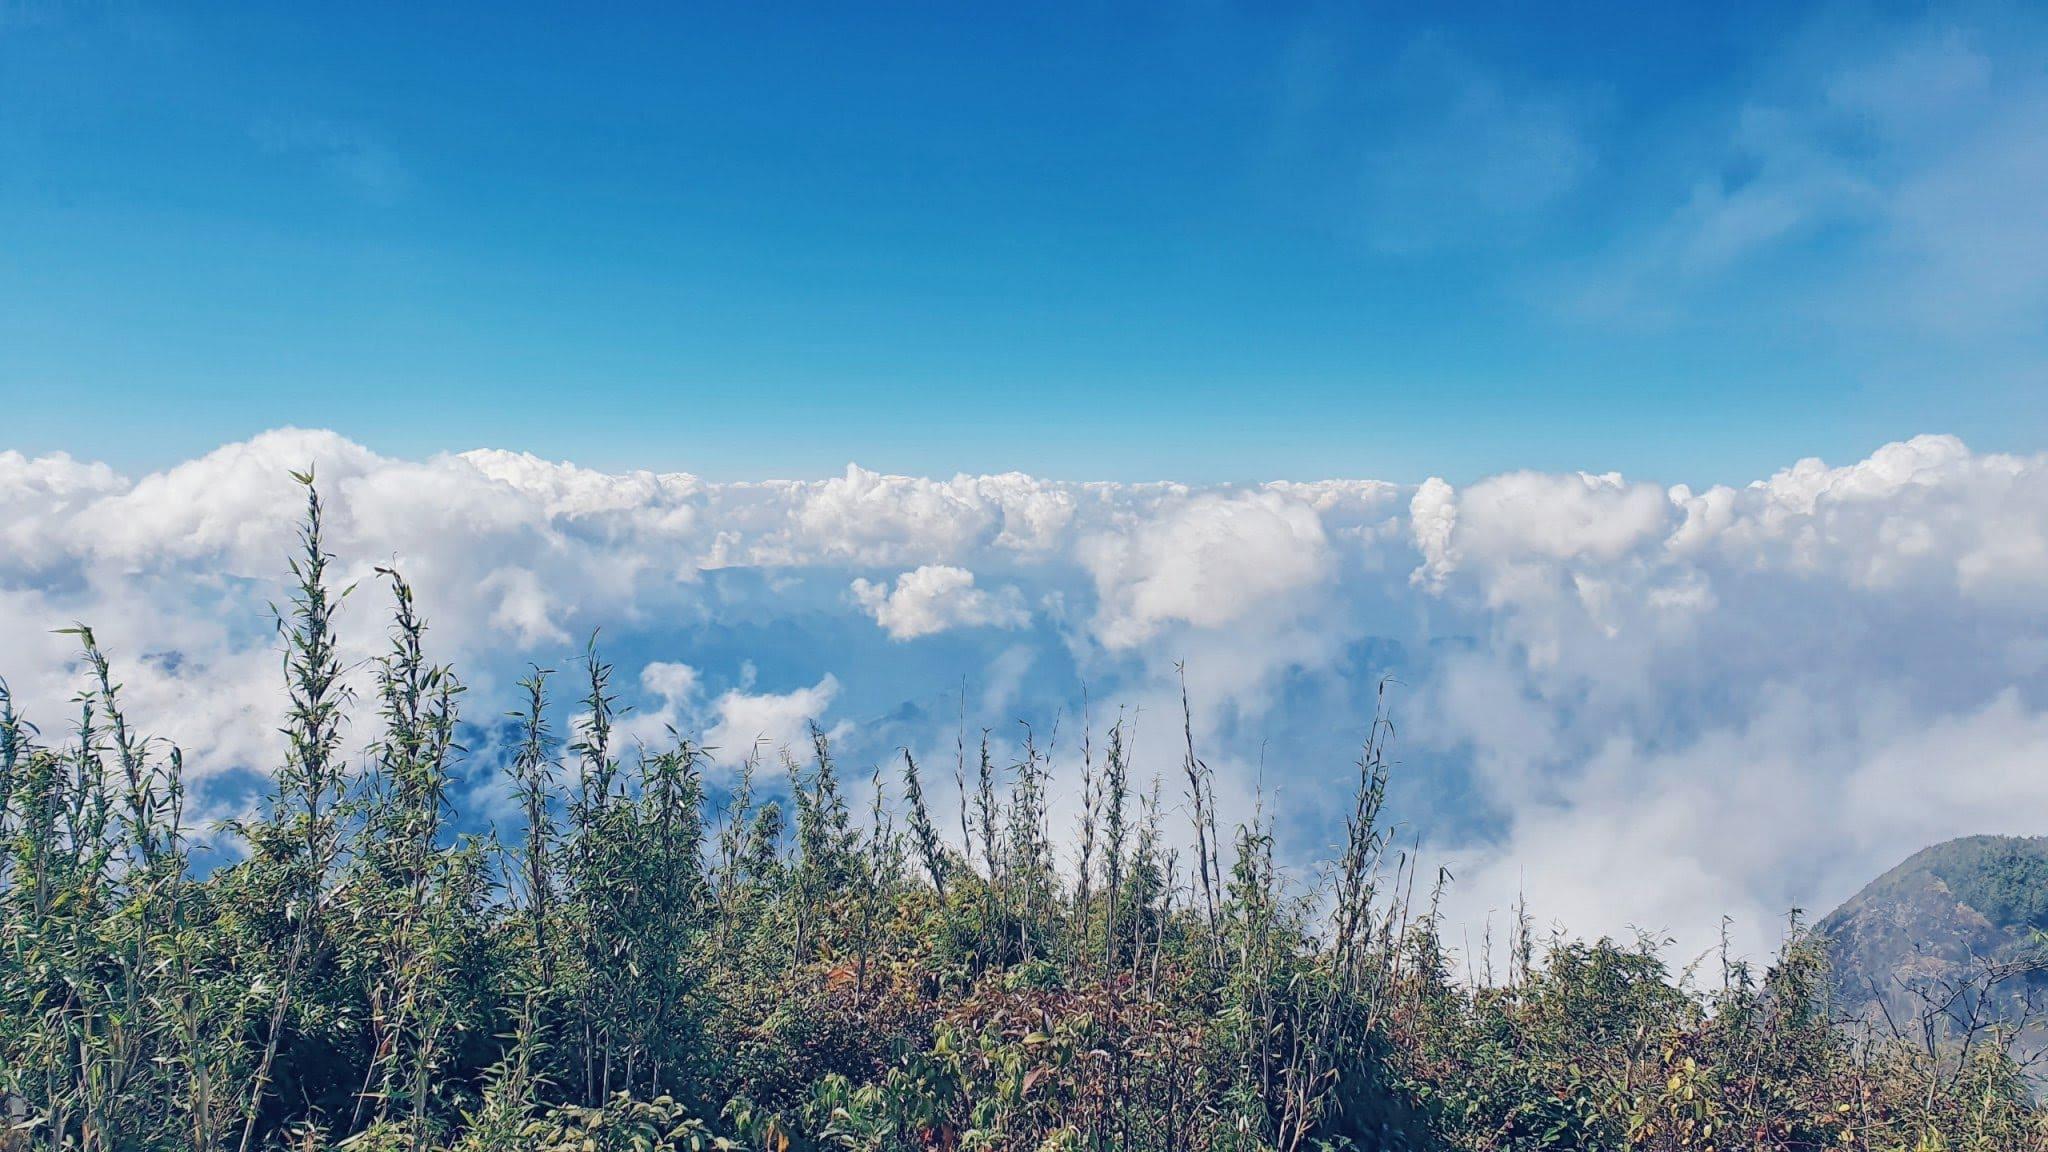 Hành trình tour chinh phục Bạch Mộc Lương Tử săn mây.